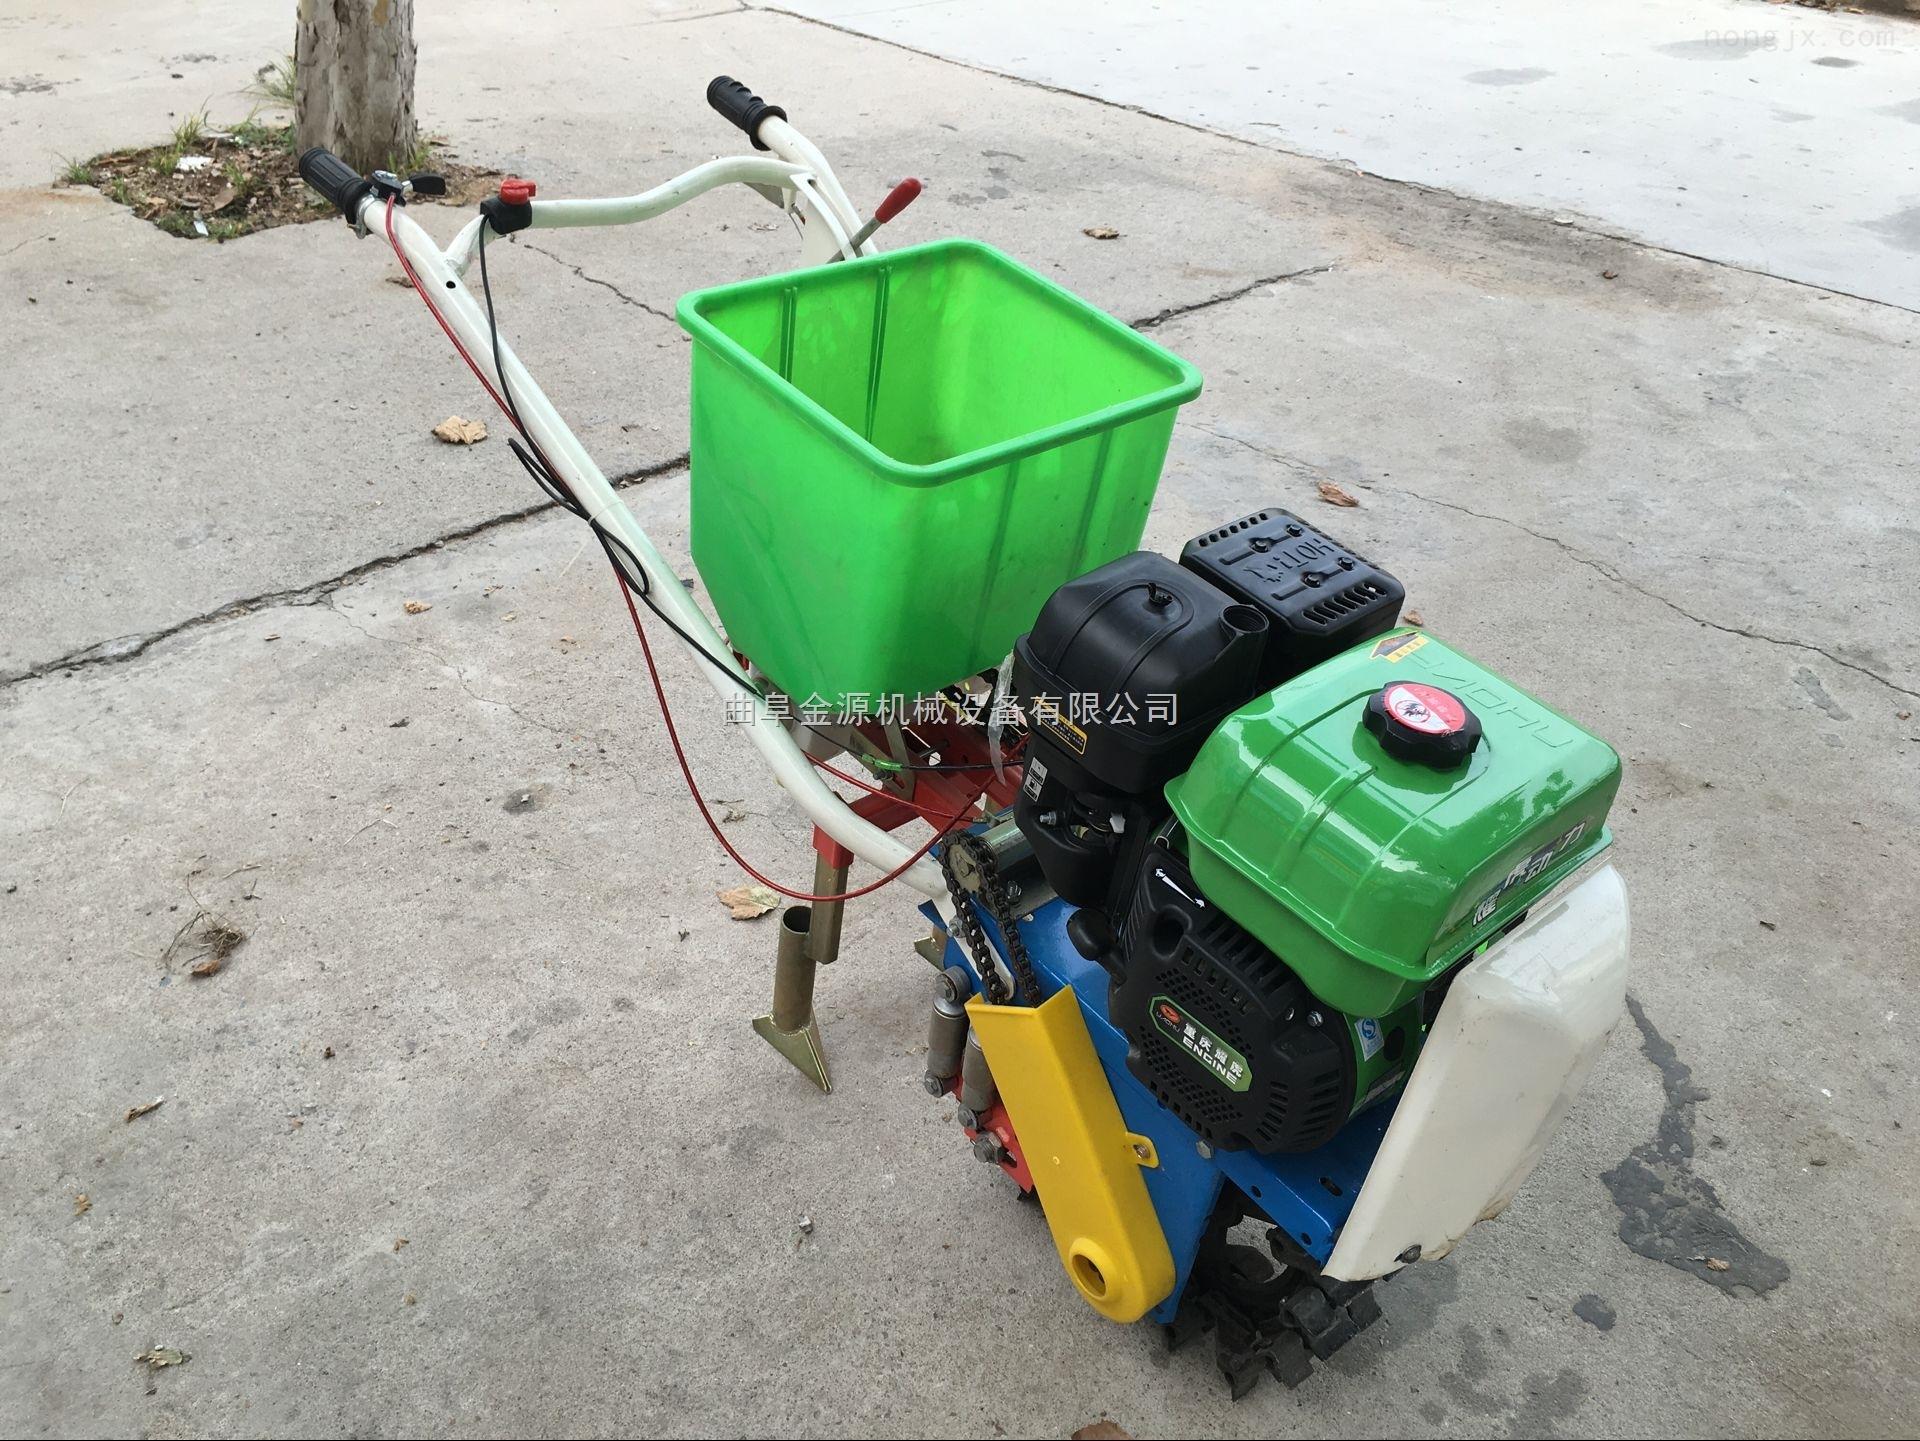 膜上精密玉米播种机 操作简单蔬菜点播机